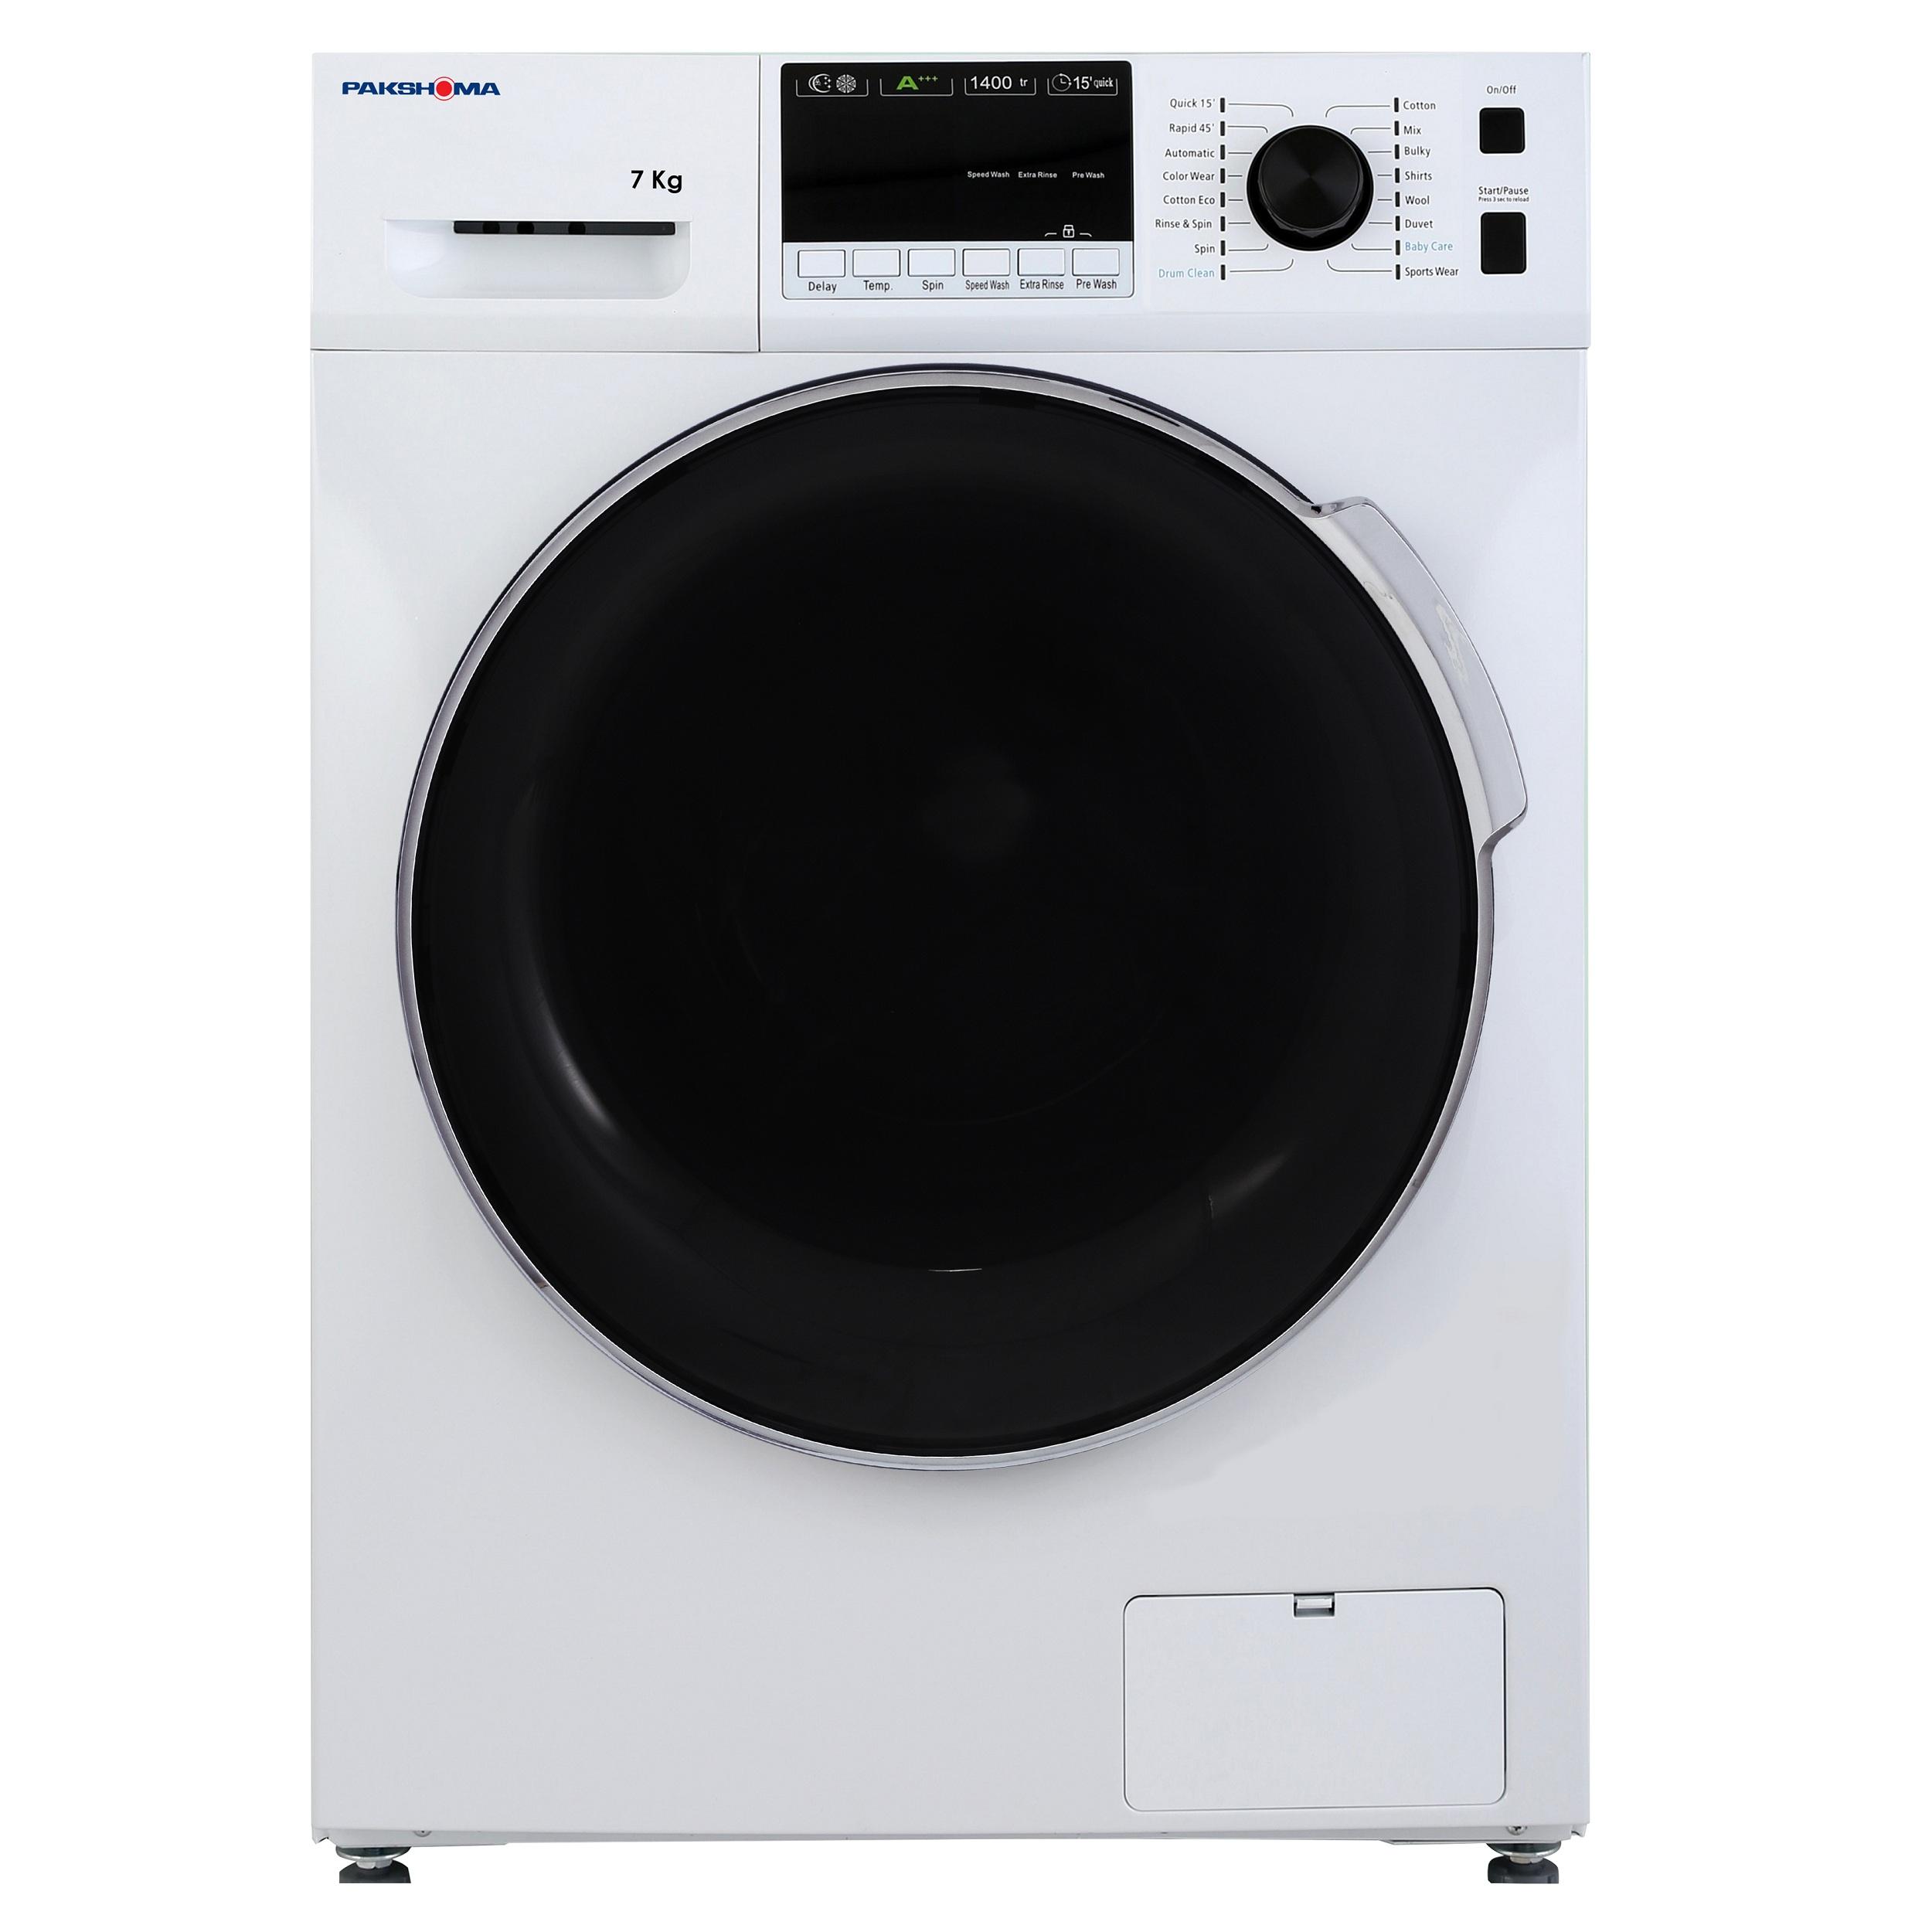 ماشین لباسشویی پاکشوما مدل TFU-74401 ظرفیت 7 کیلوگرم main 1 1